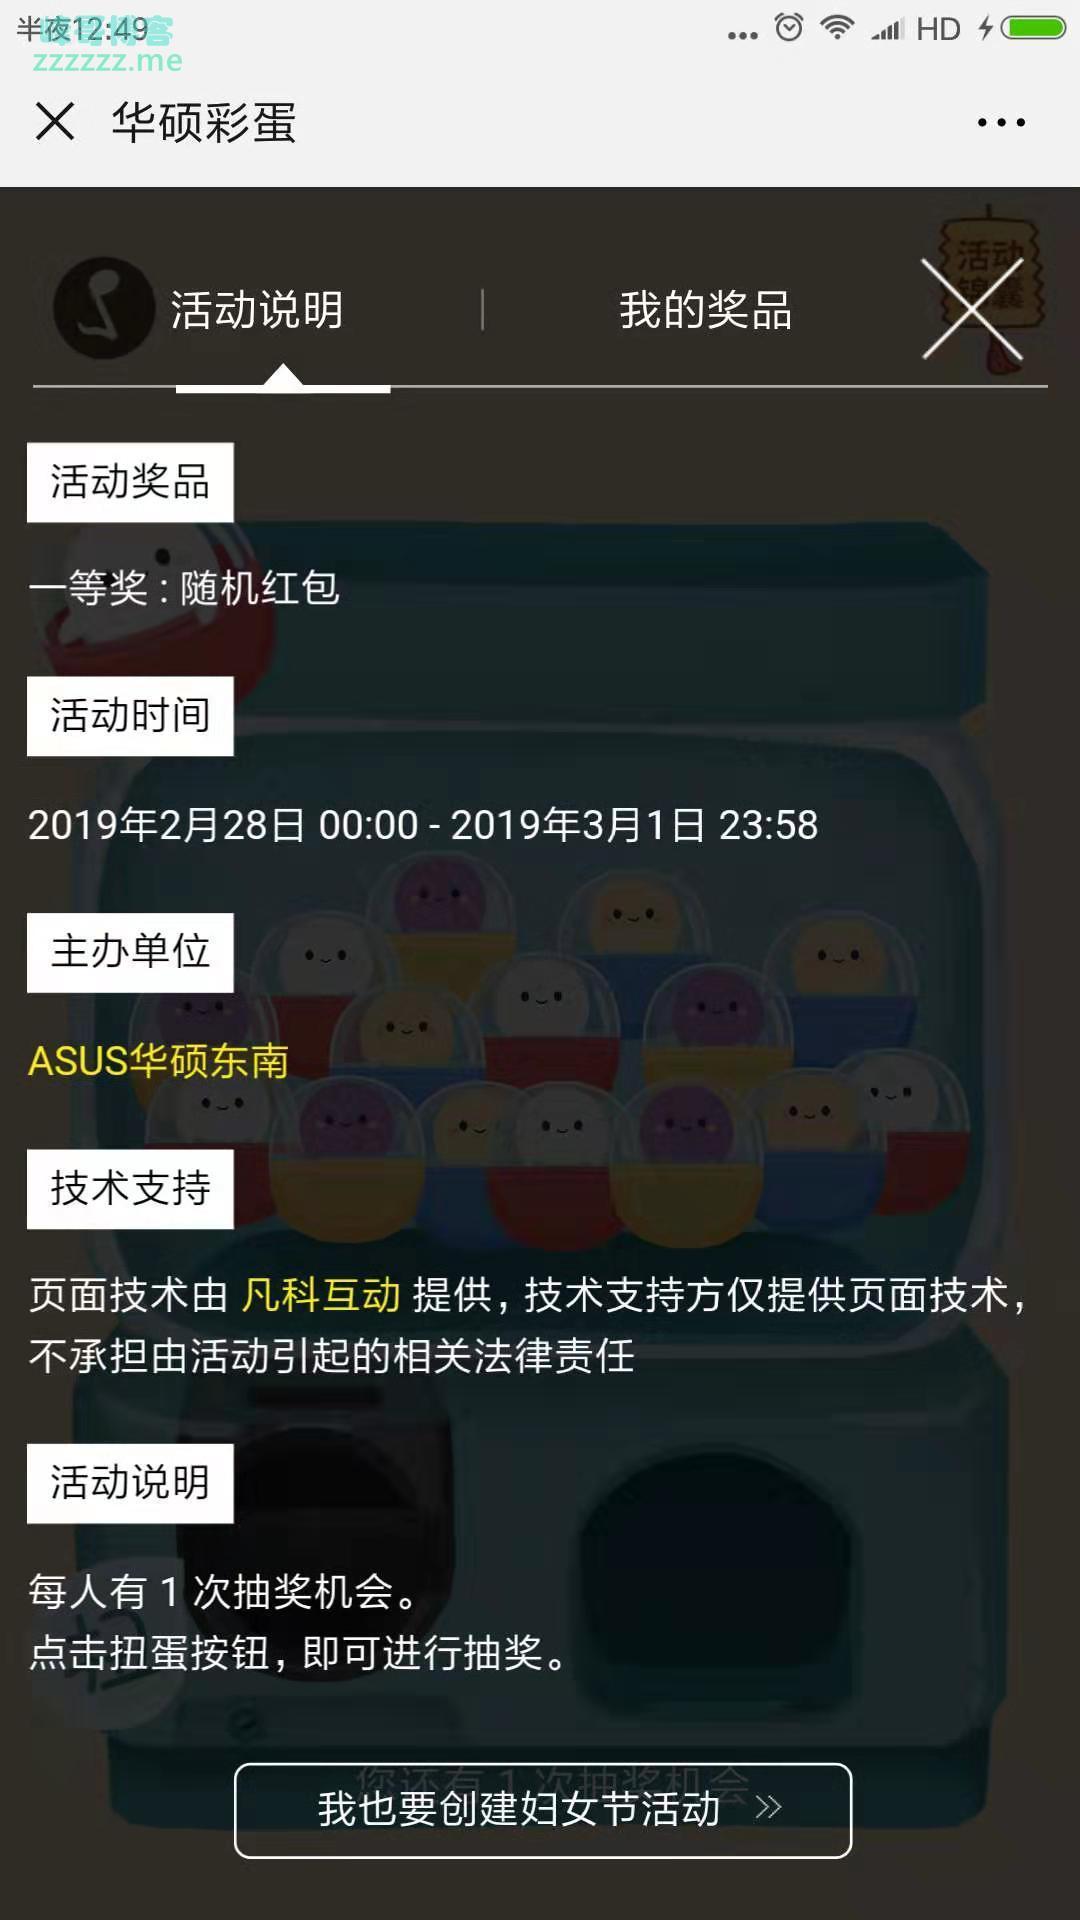 <ASUS华硕东南>华硕彩蛋(截止3月1日)